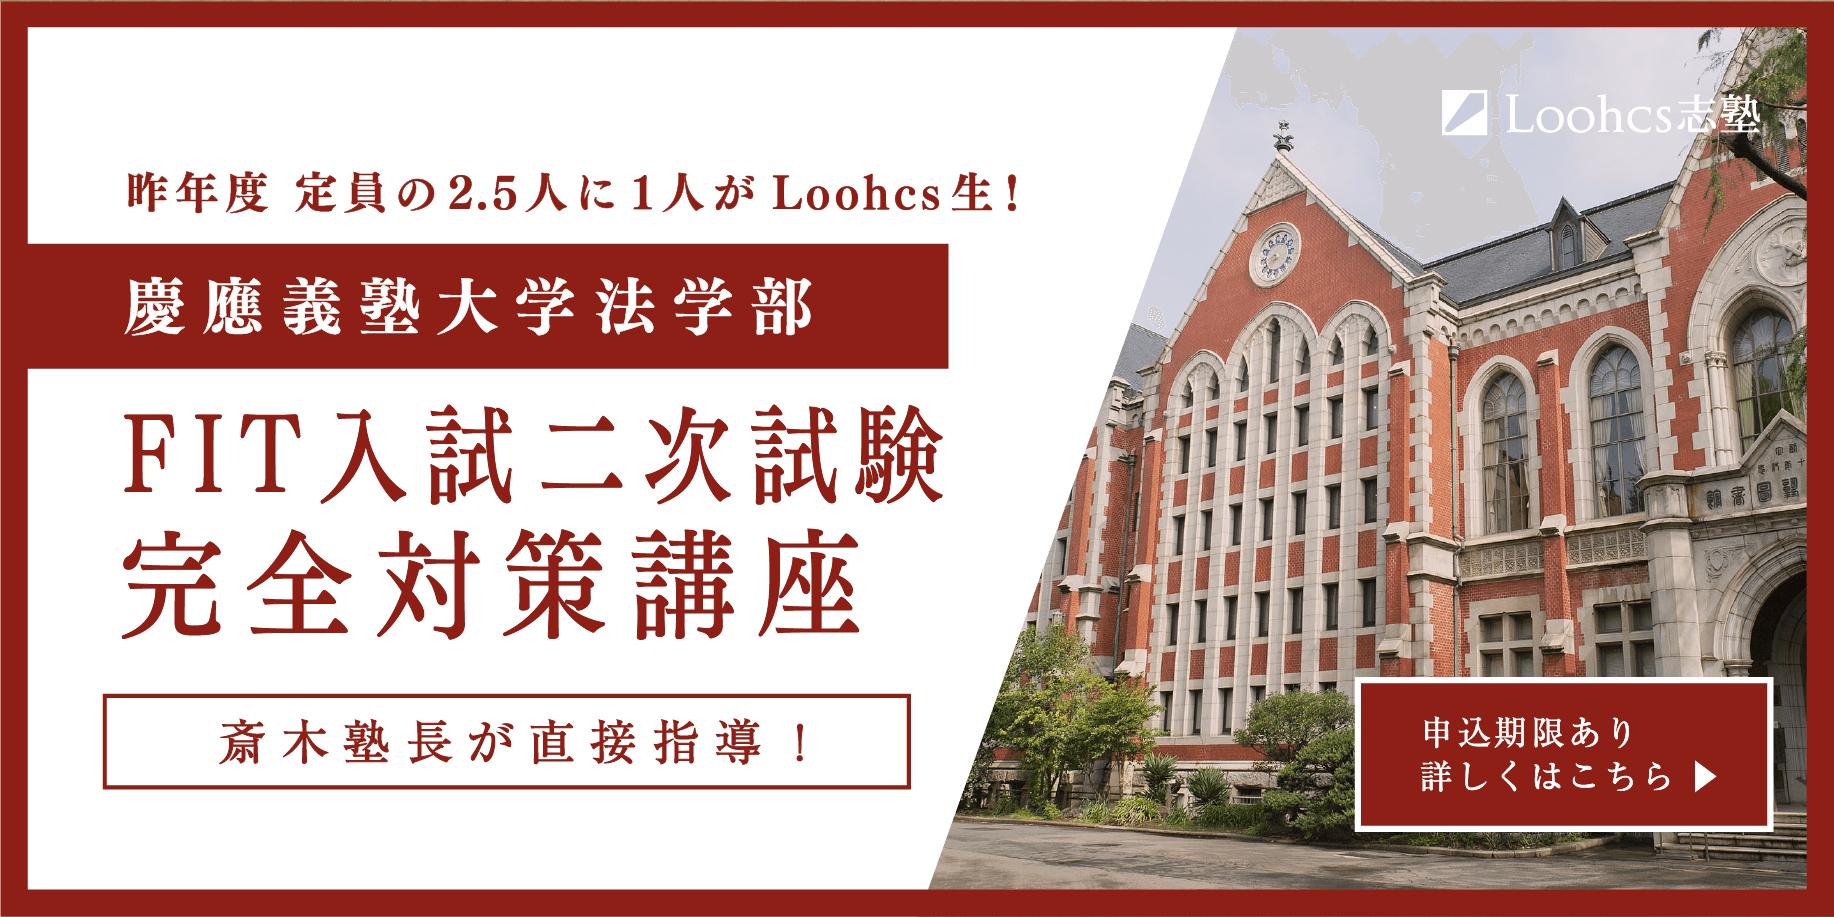 慶應法学部FIT2次試験対策講座